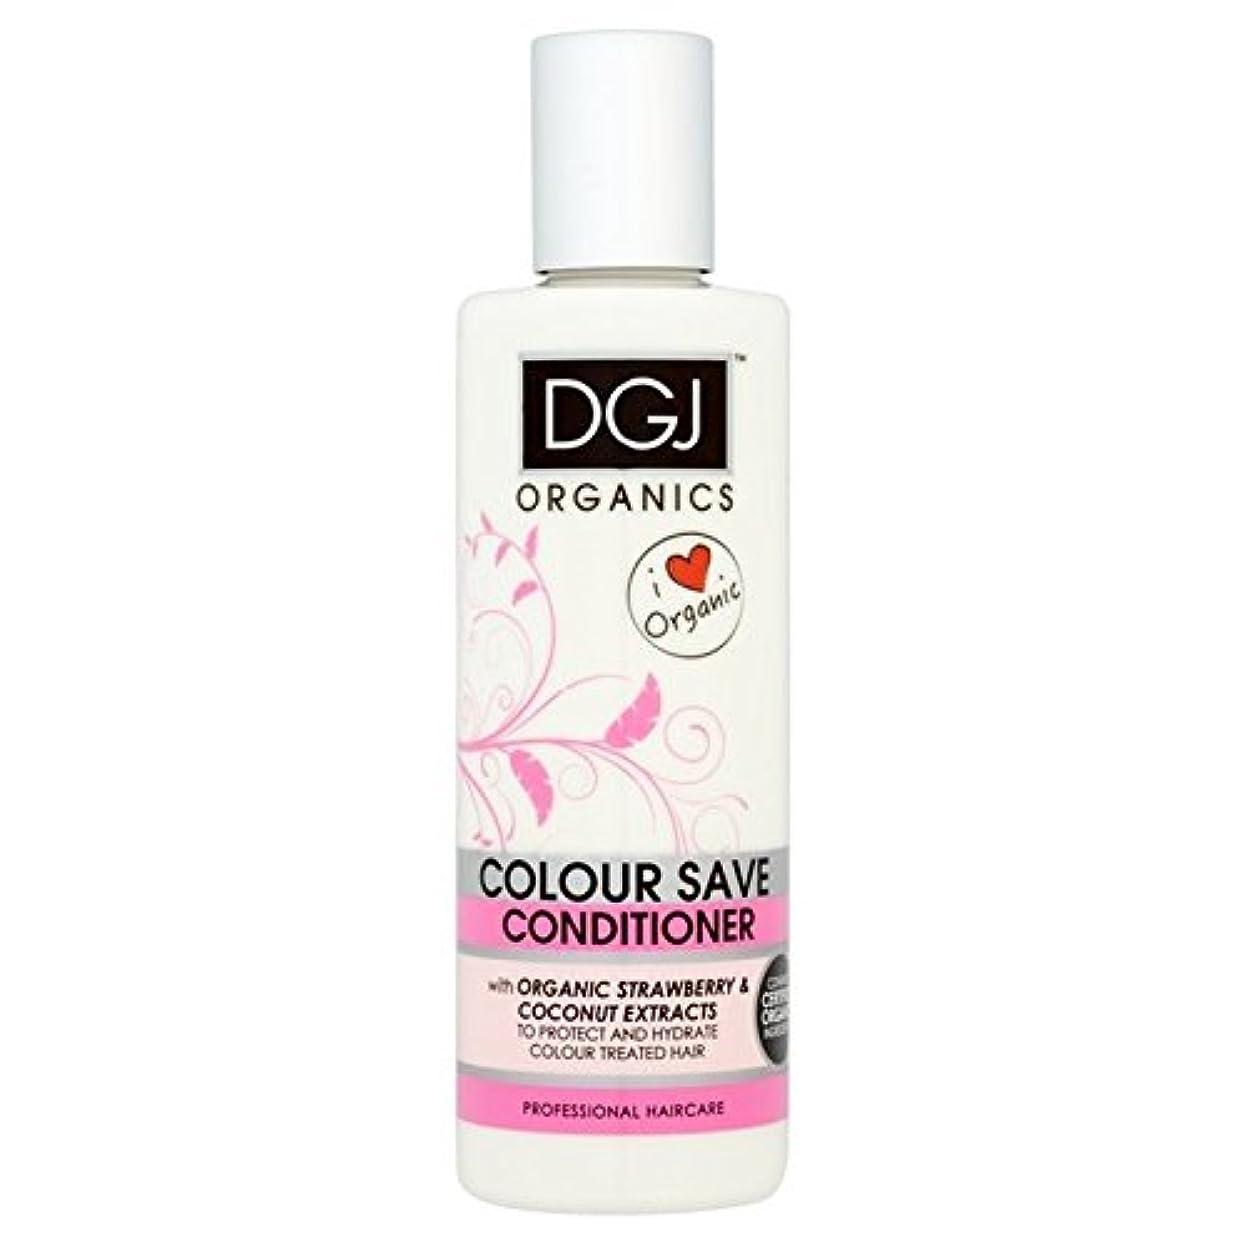 バス精神的に強調するDGJ Organics Colour Save Conditioner 250ml - 有機物の色コンディショナー250を保存 [並行輸入品]